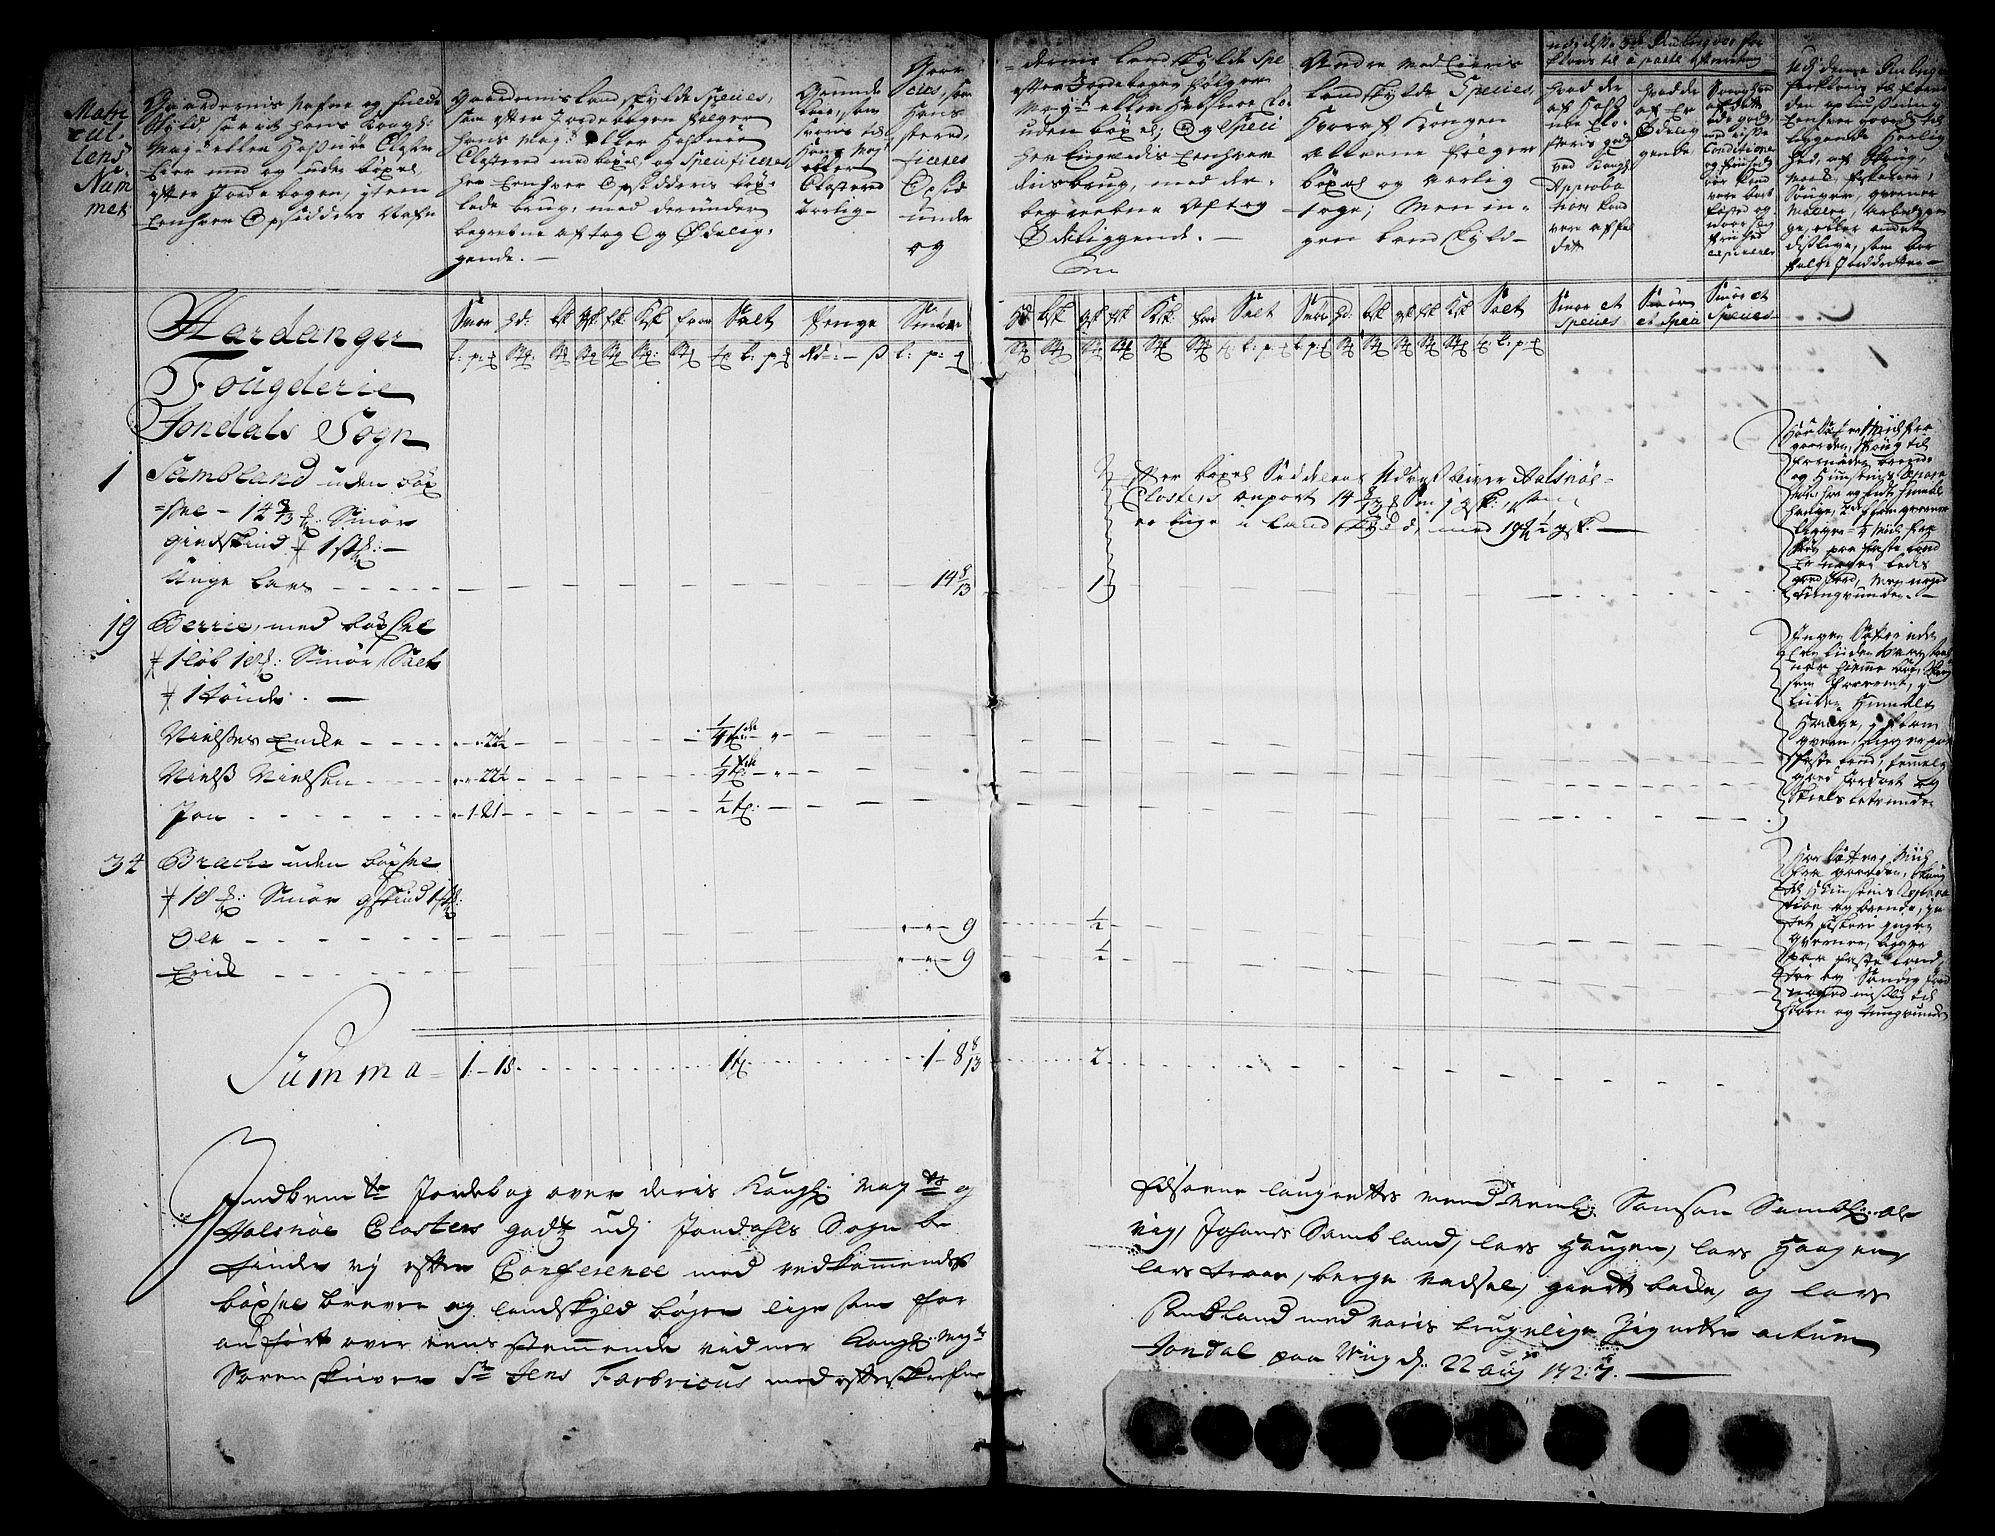 RA, Rentekammeret inntil 1814, Realistisk ordnet avdeling, On/L0003: [Jj 4]: Kommisjonsforretning over Vilhelm Hanssøns forpaktning av Halsnøy klosters gods, 1721-1729, s. 149